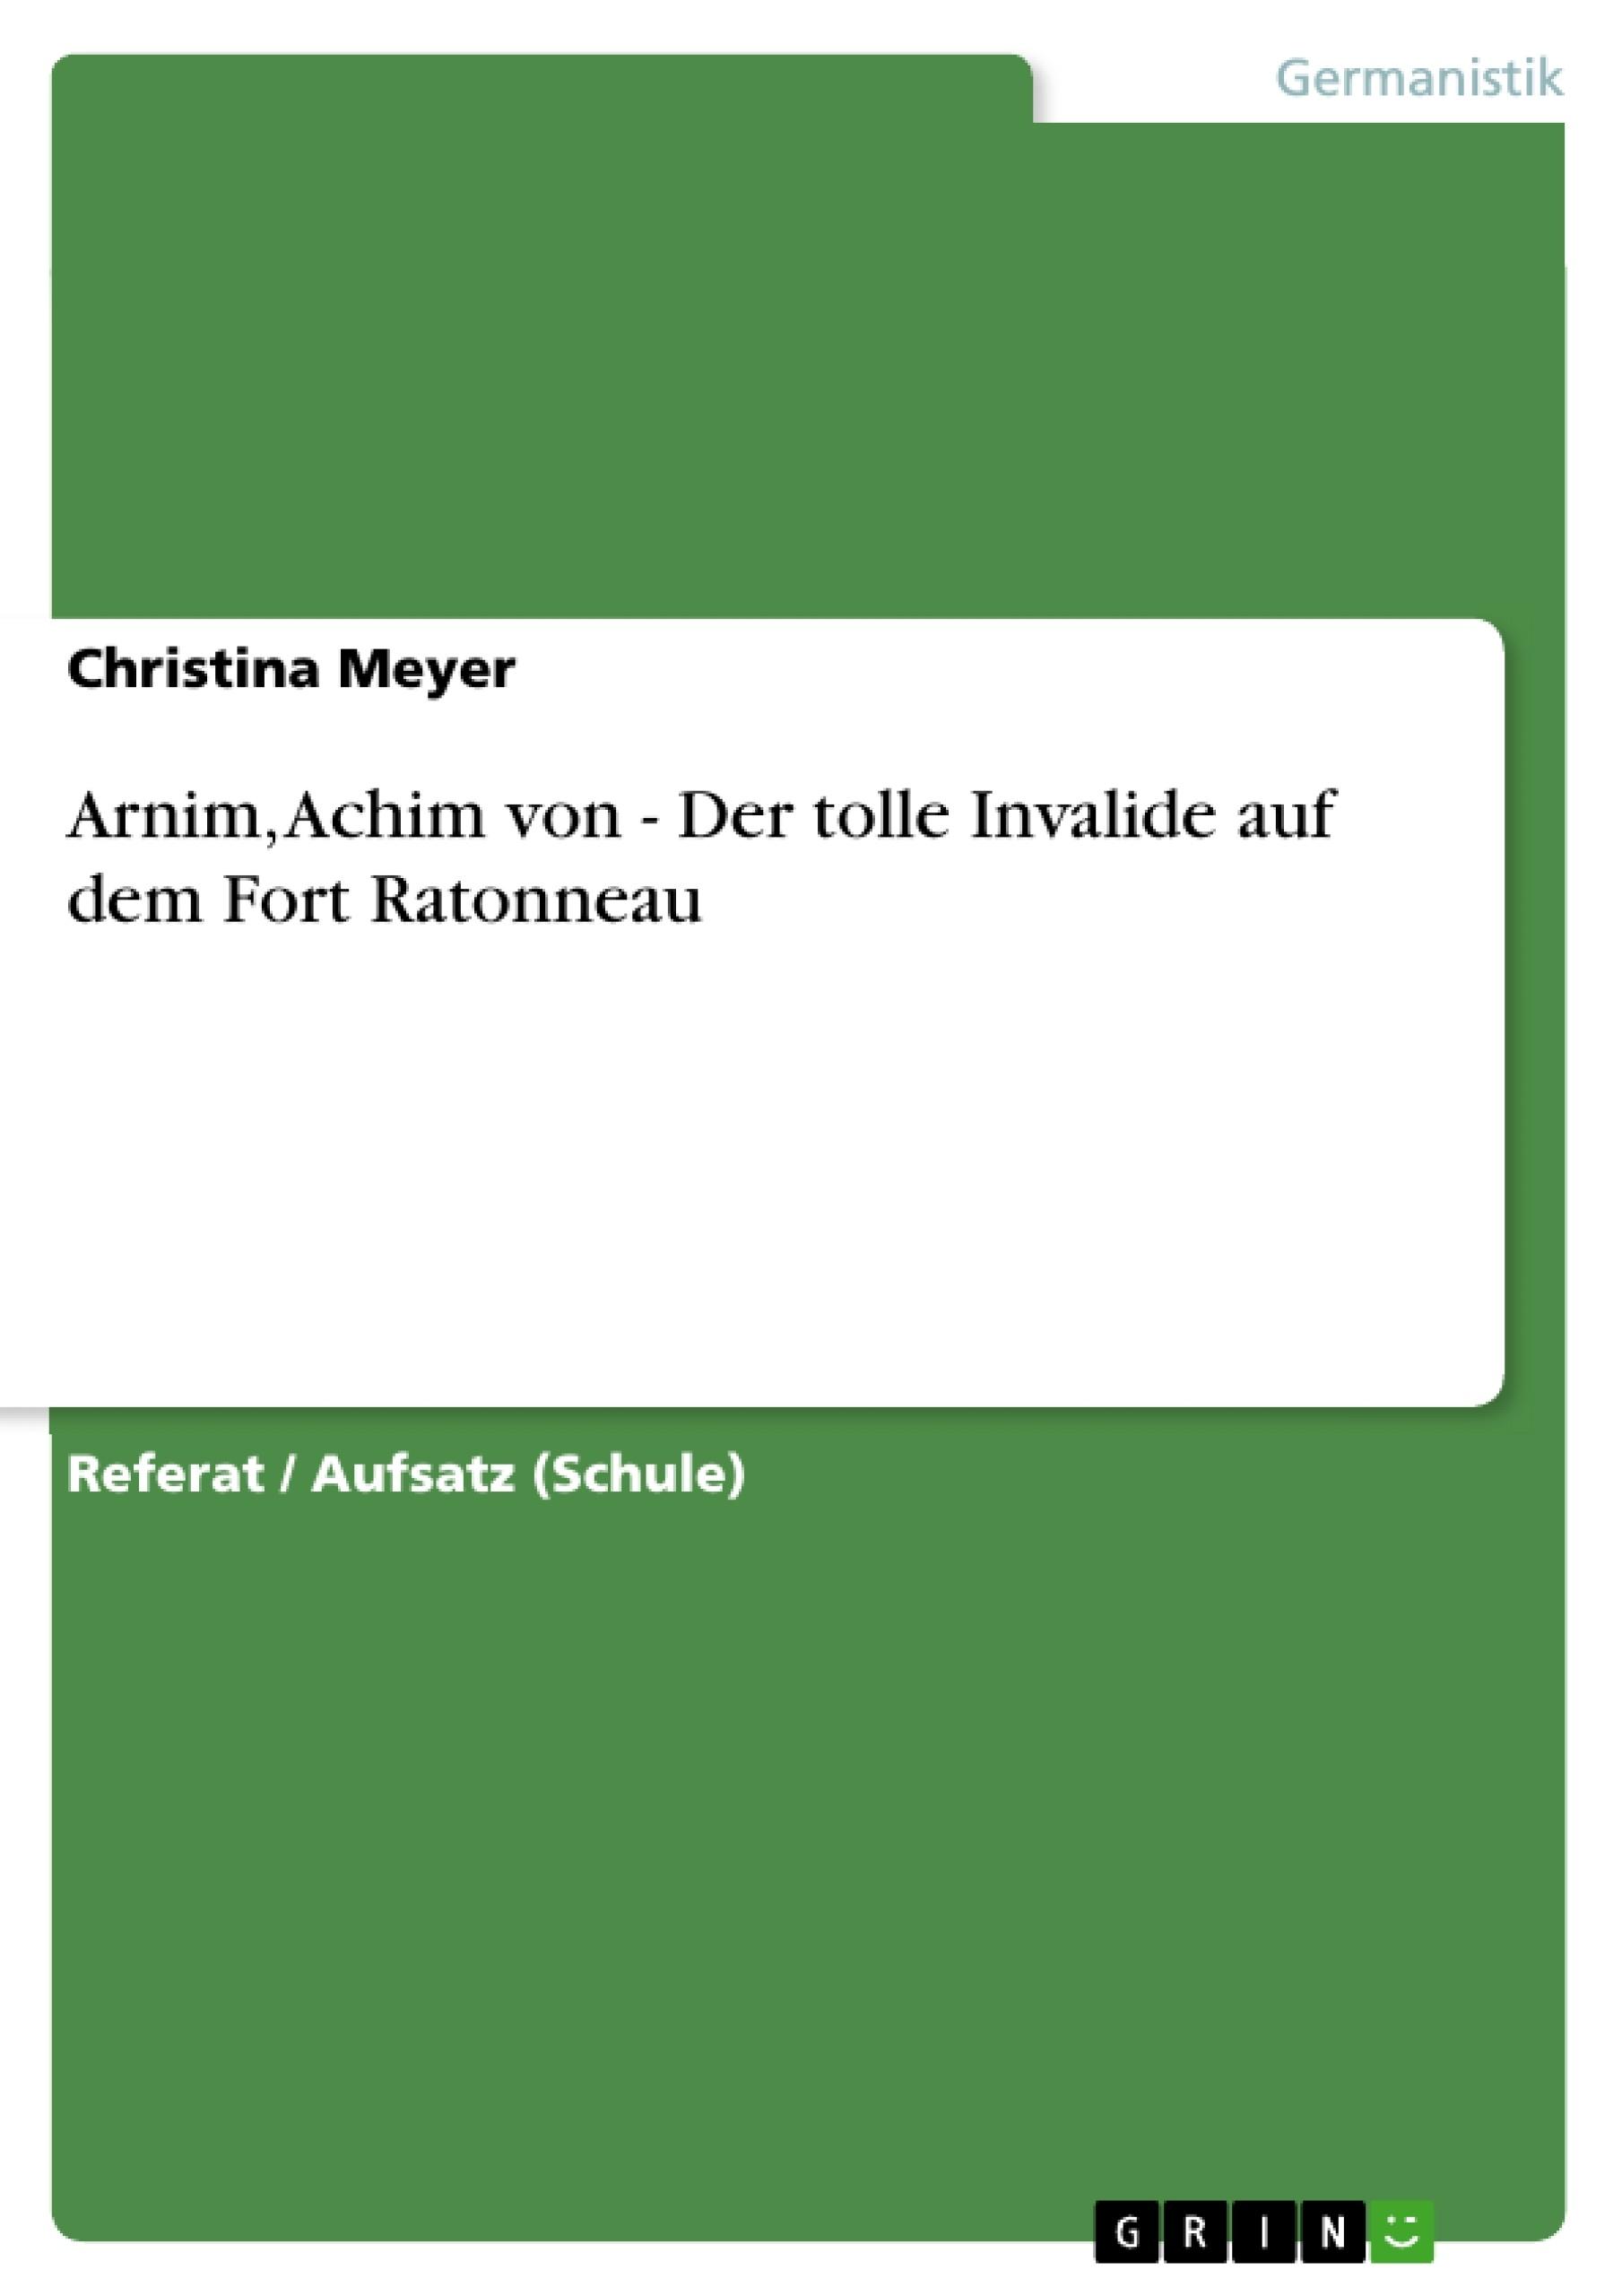 Titel: Arnim, Achim von - Der tolle Invalide auf dem Fort Ratonneau